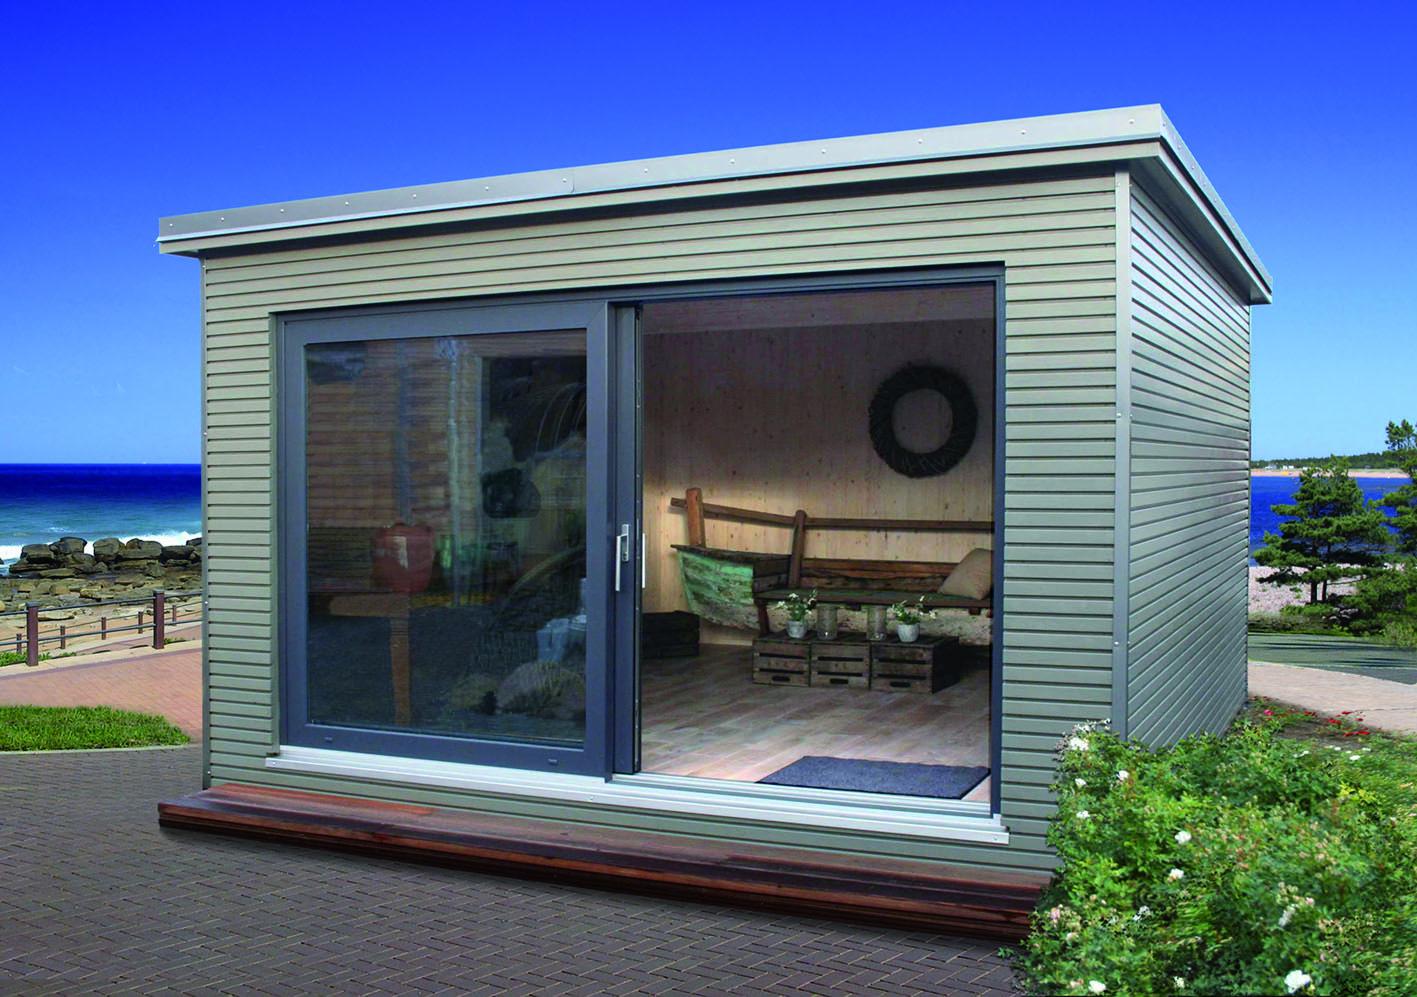 Das Gartenhaus wird zum Designobjekt